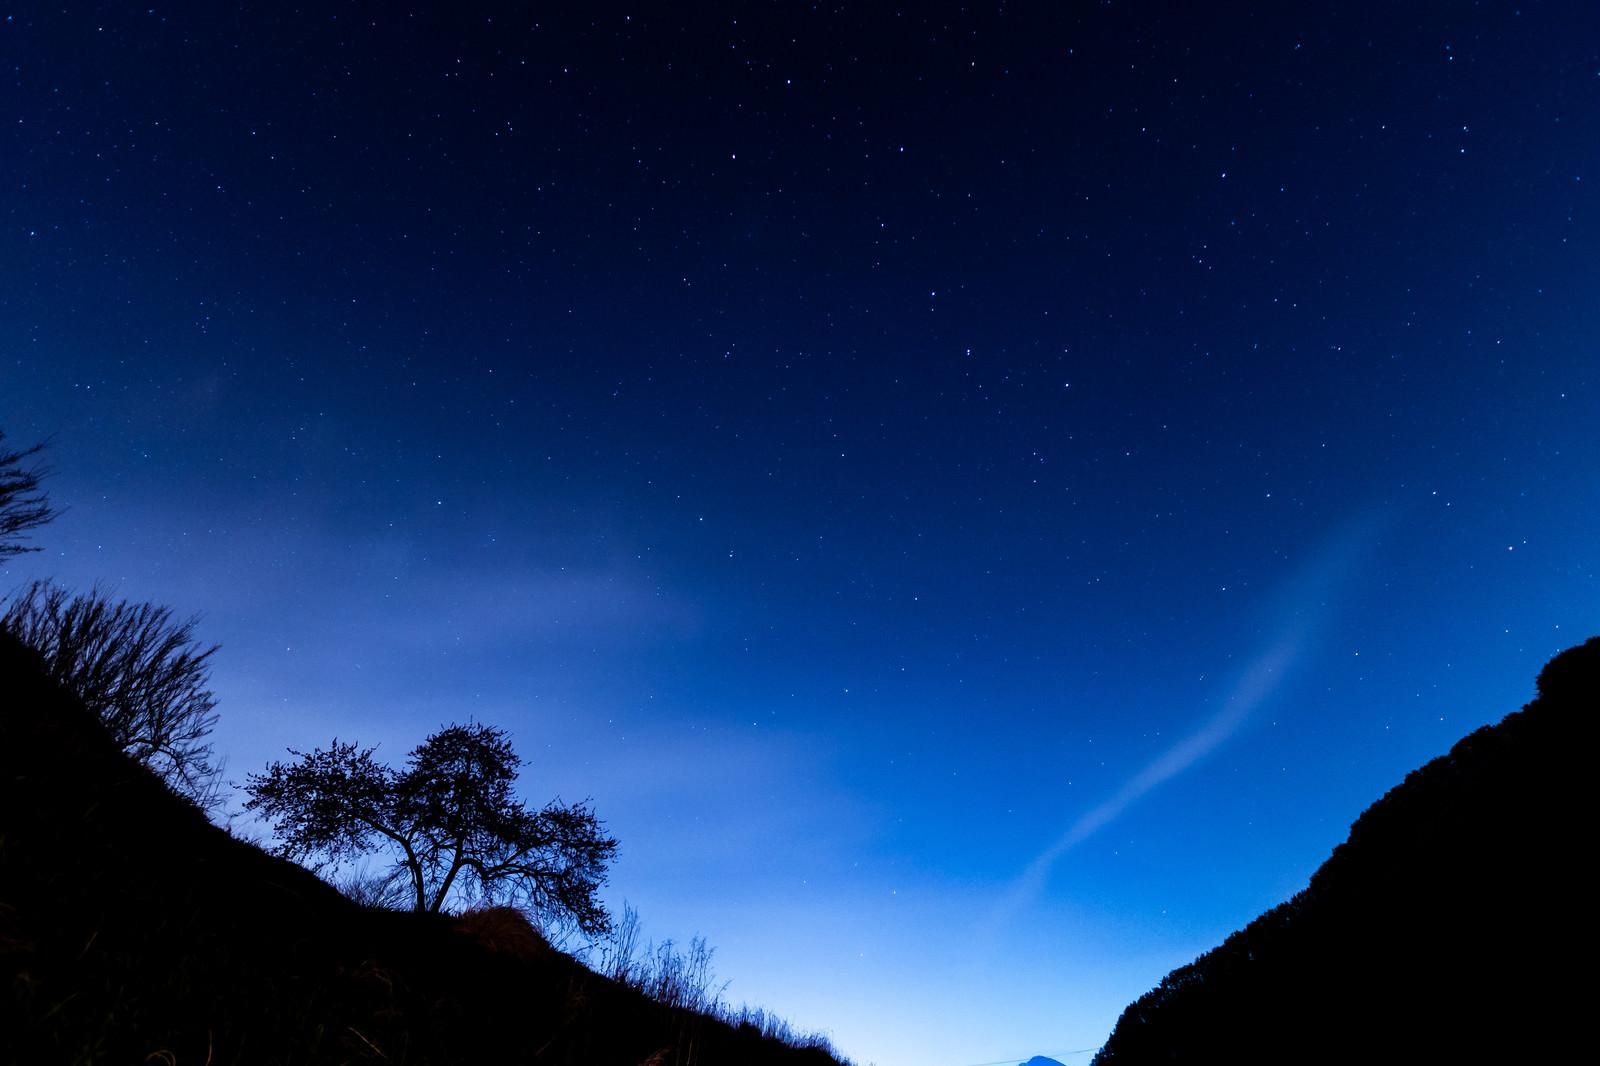 「余里の夜空と木々のシルエット」の写真